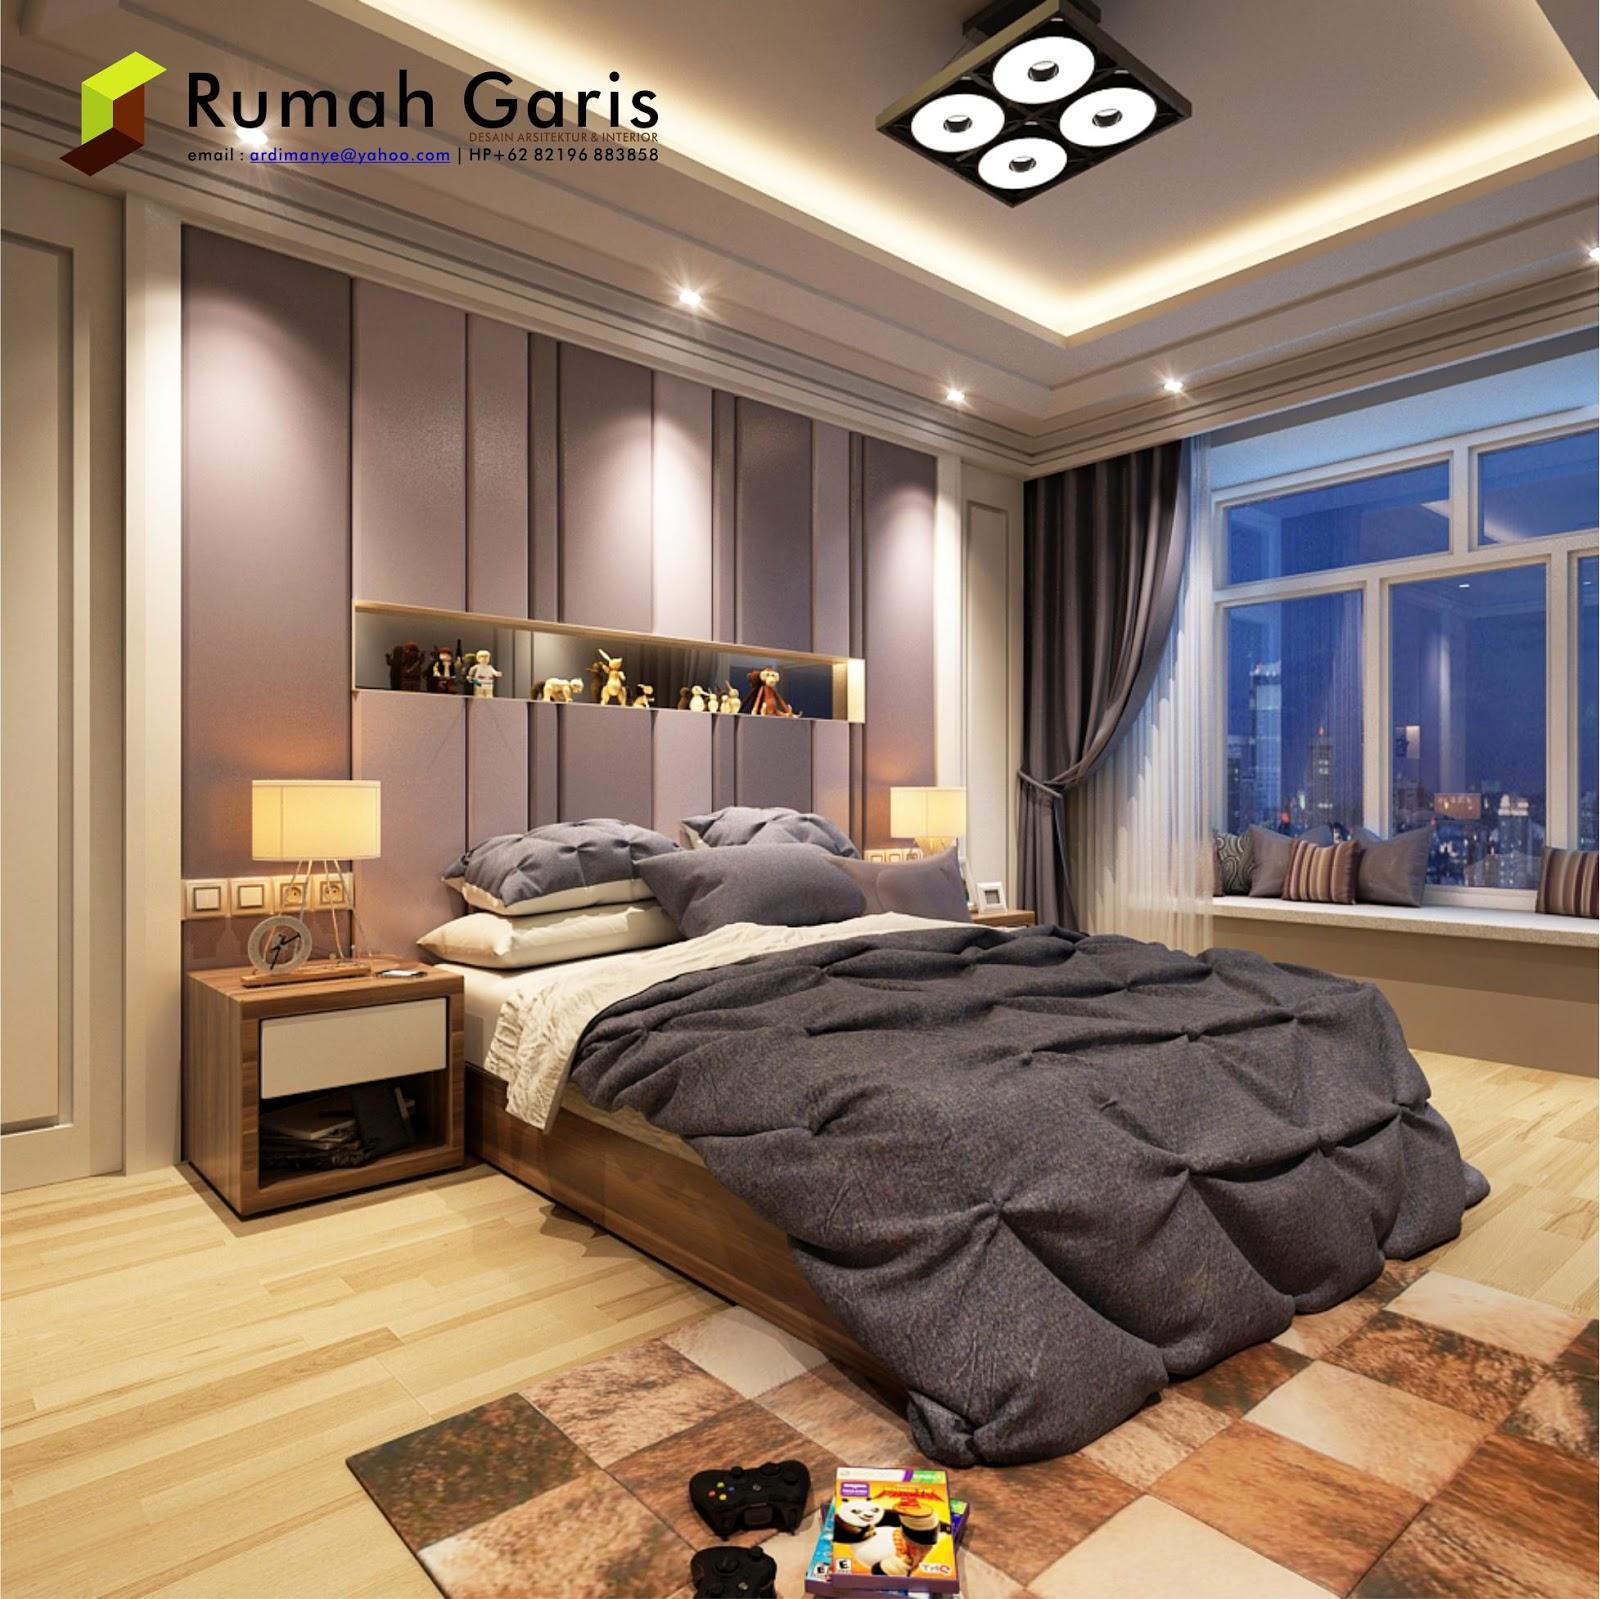 Kumpulan desain interior Kamar Tidur  3D render by RUMAH